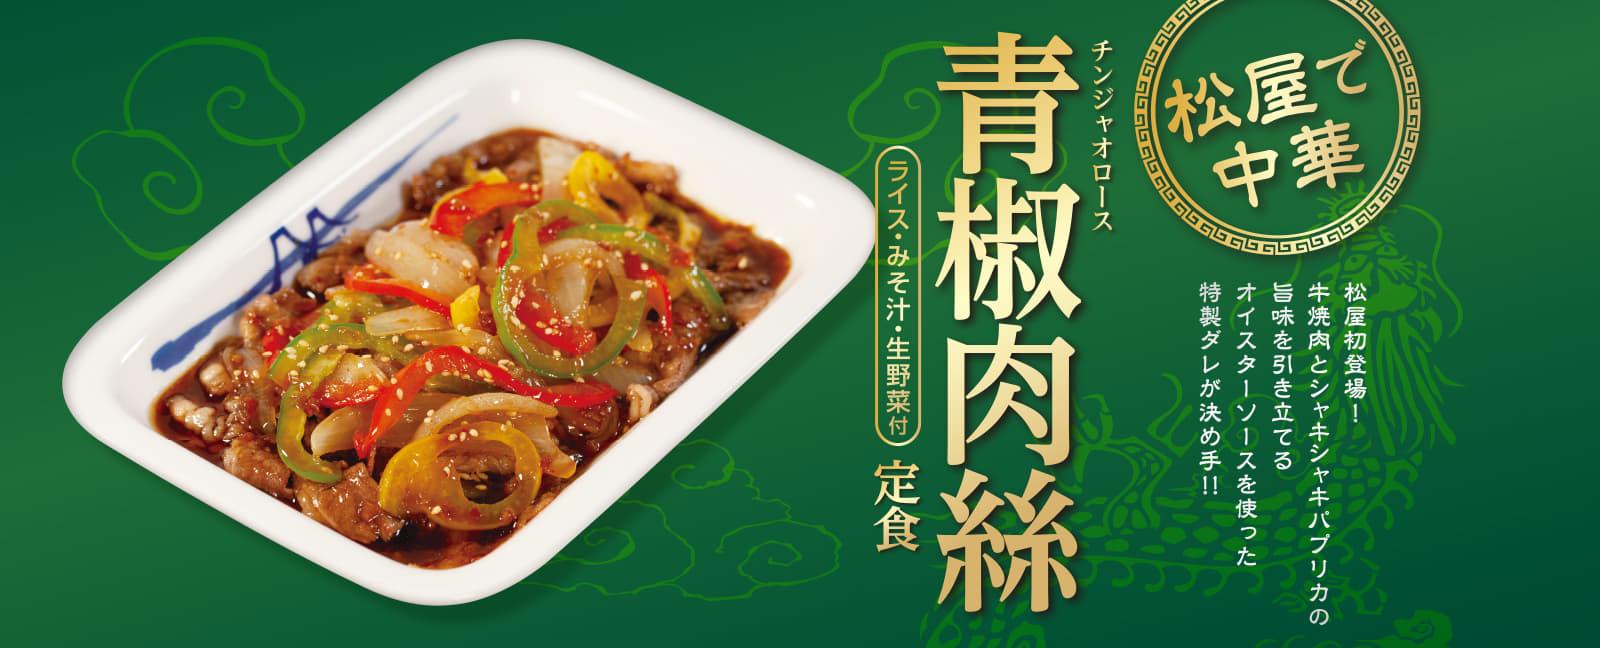 松屋で中華 青椒肉絲定食